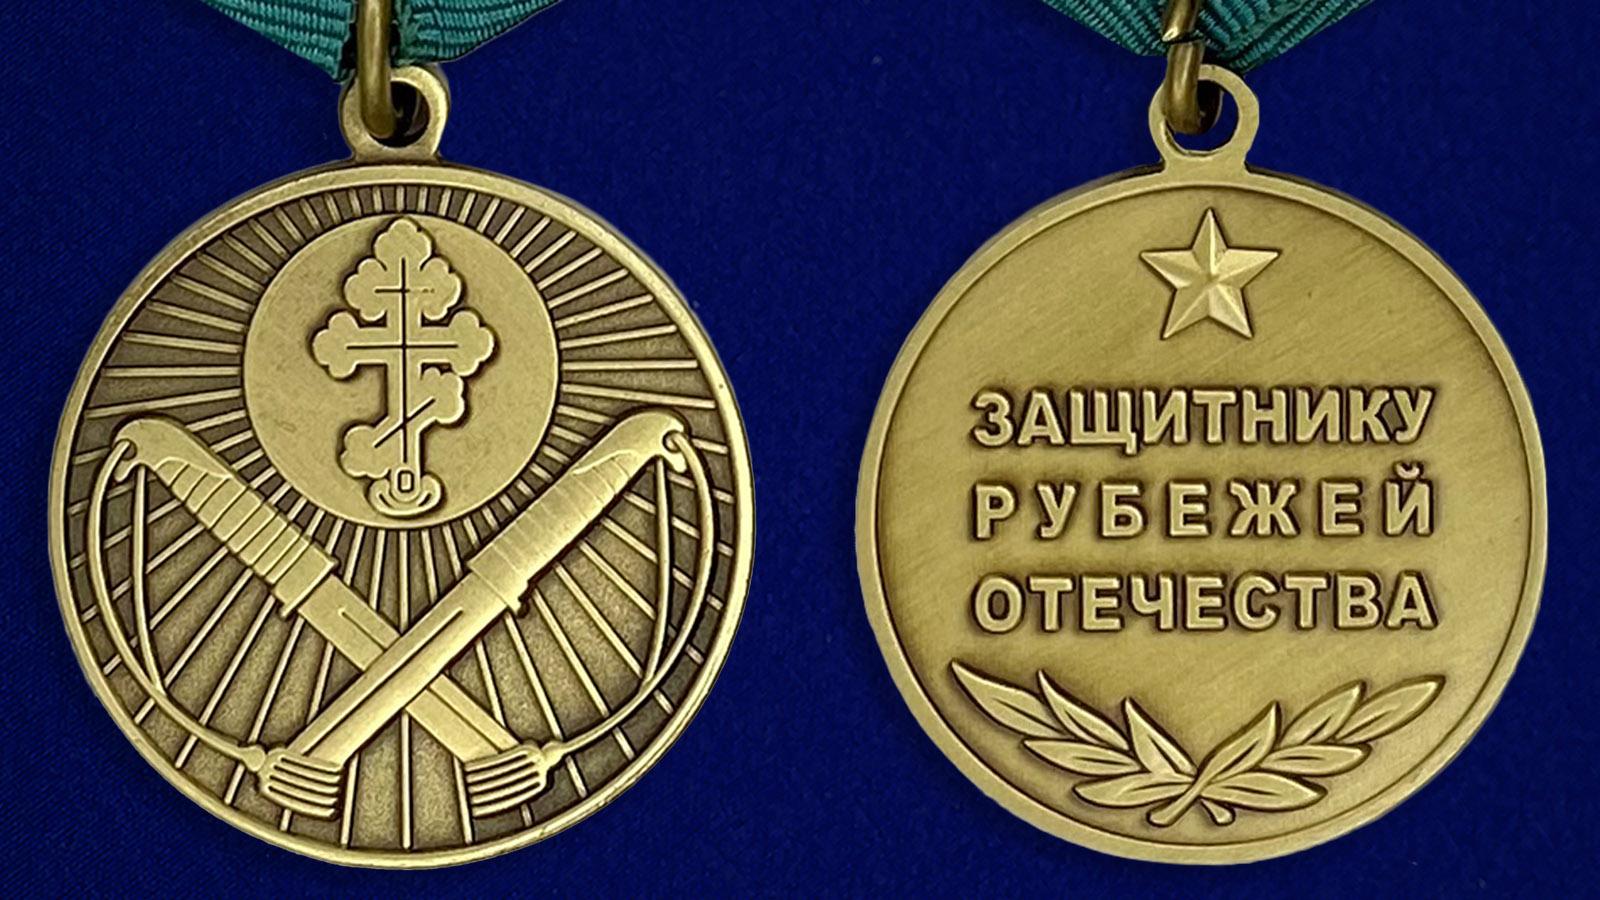 Медаль Защитнику рубежей Отечества